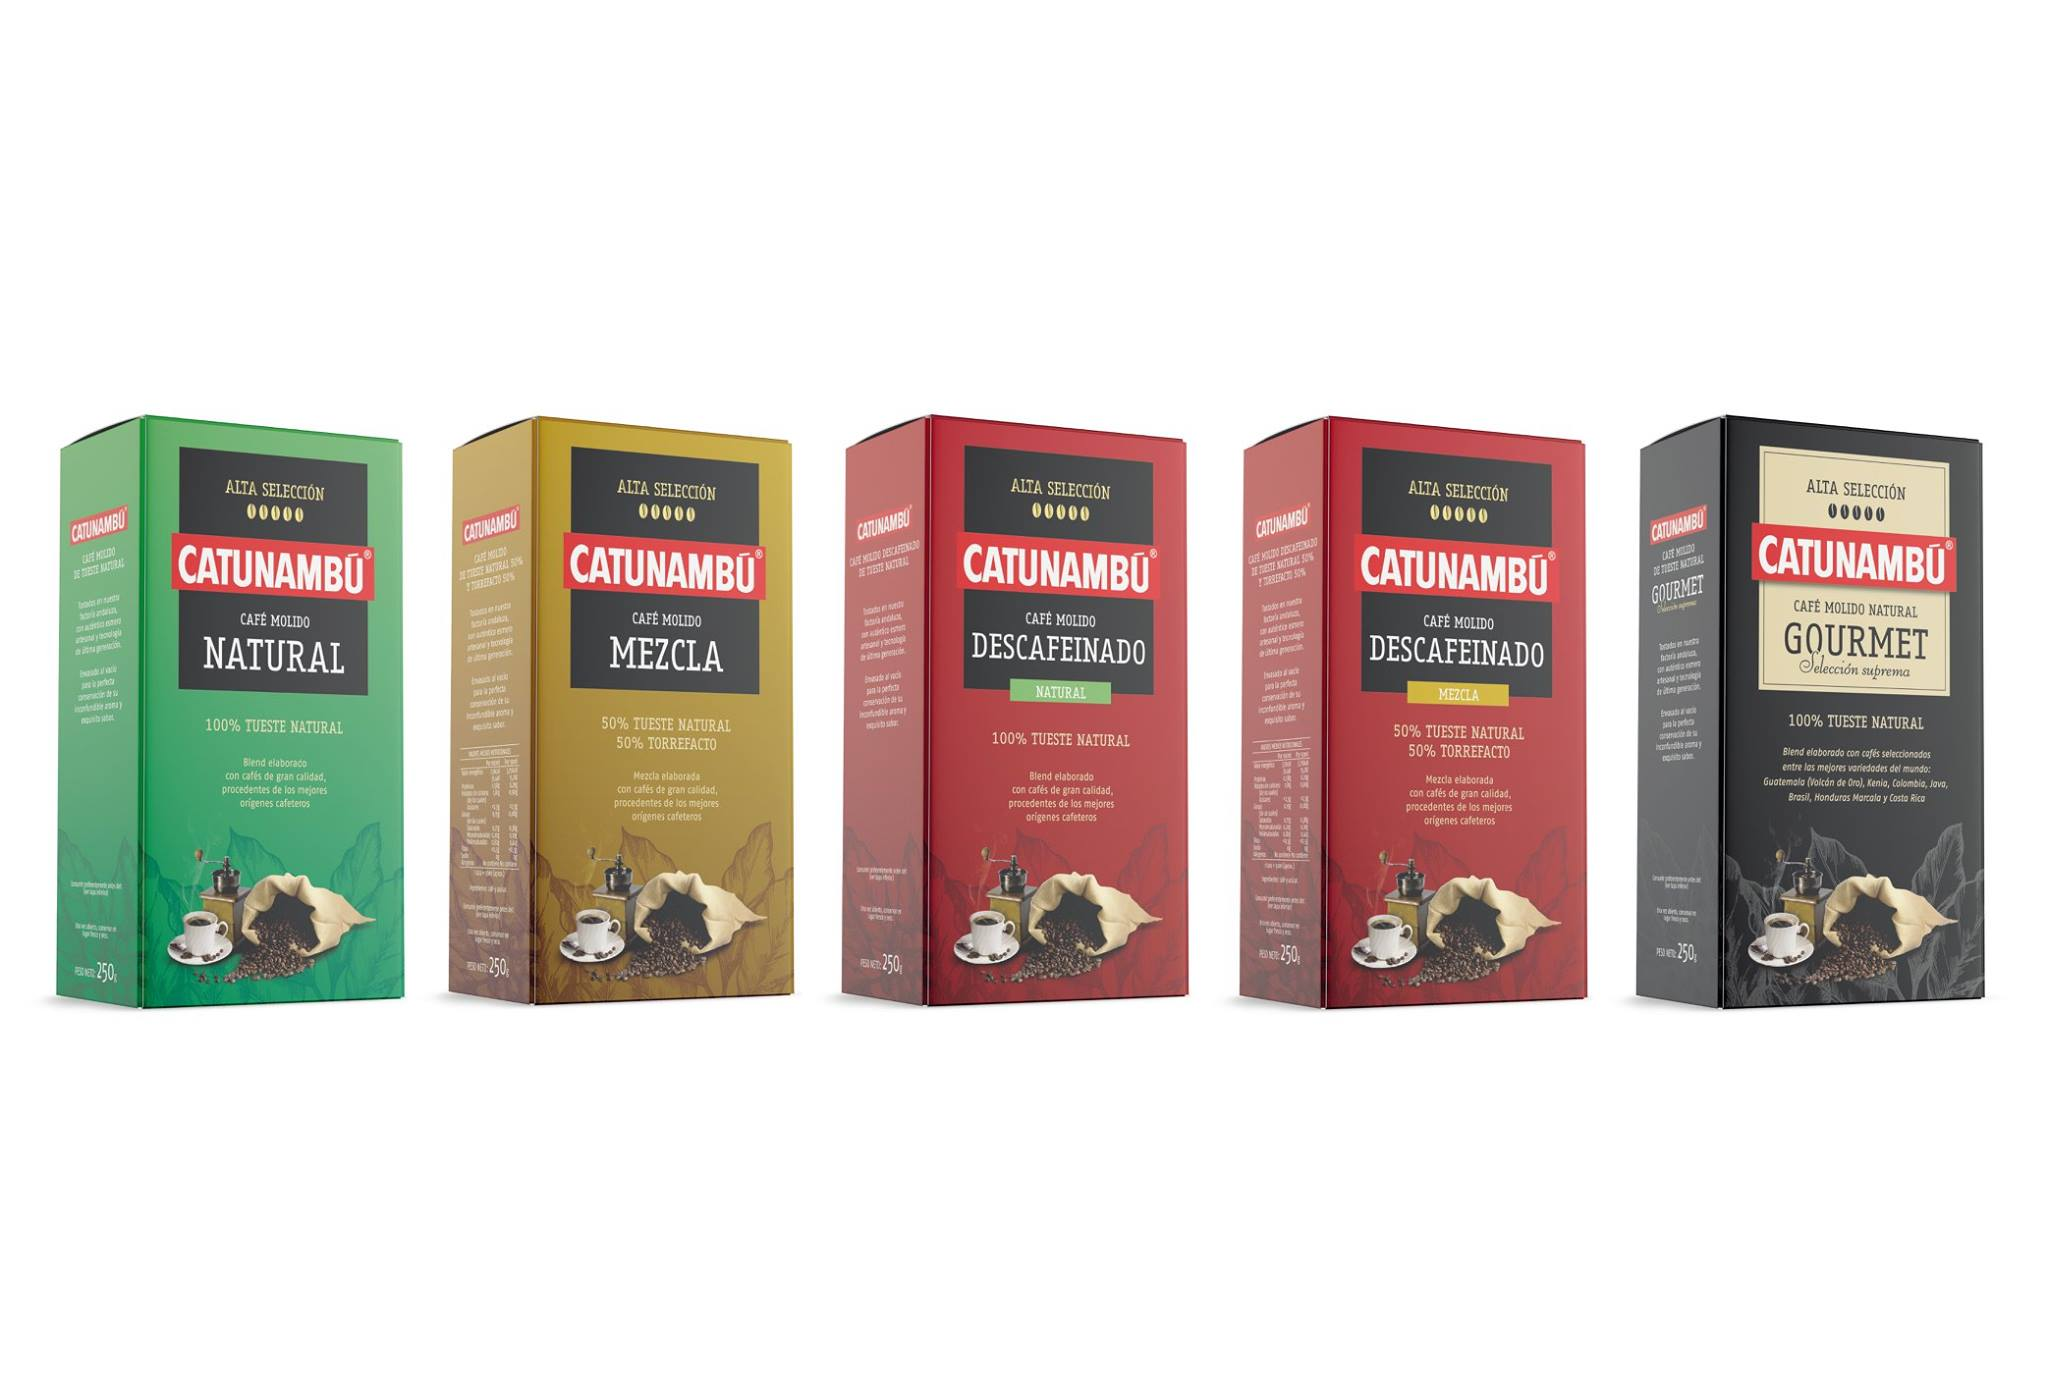 La nueva imagen -packaging- de Catunambú